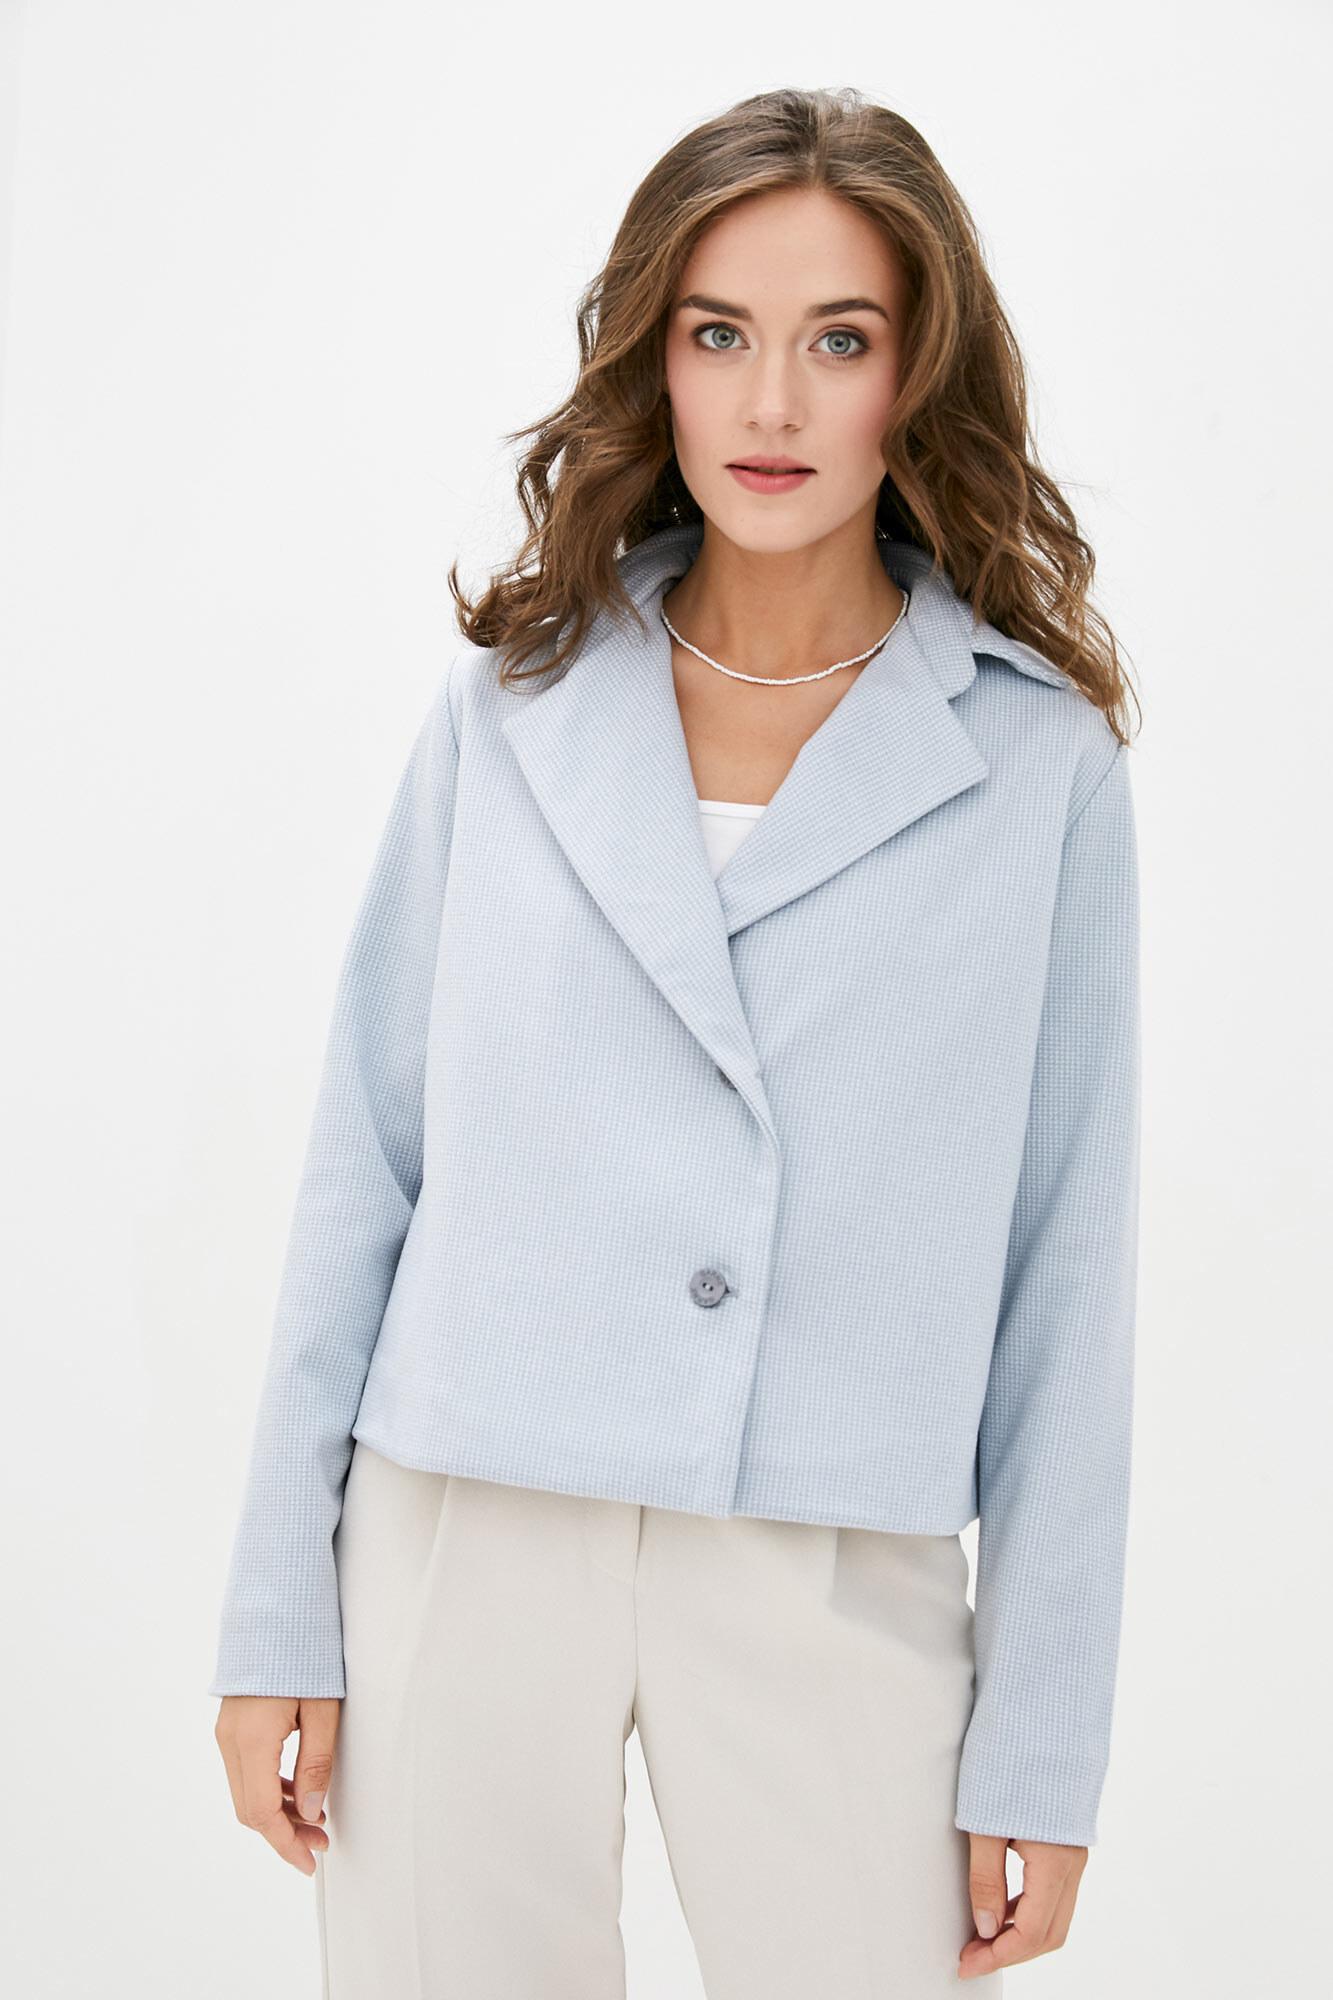 Короткий шерстяной пиджак голубого цвета на осень